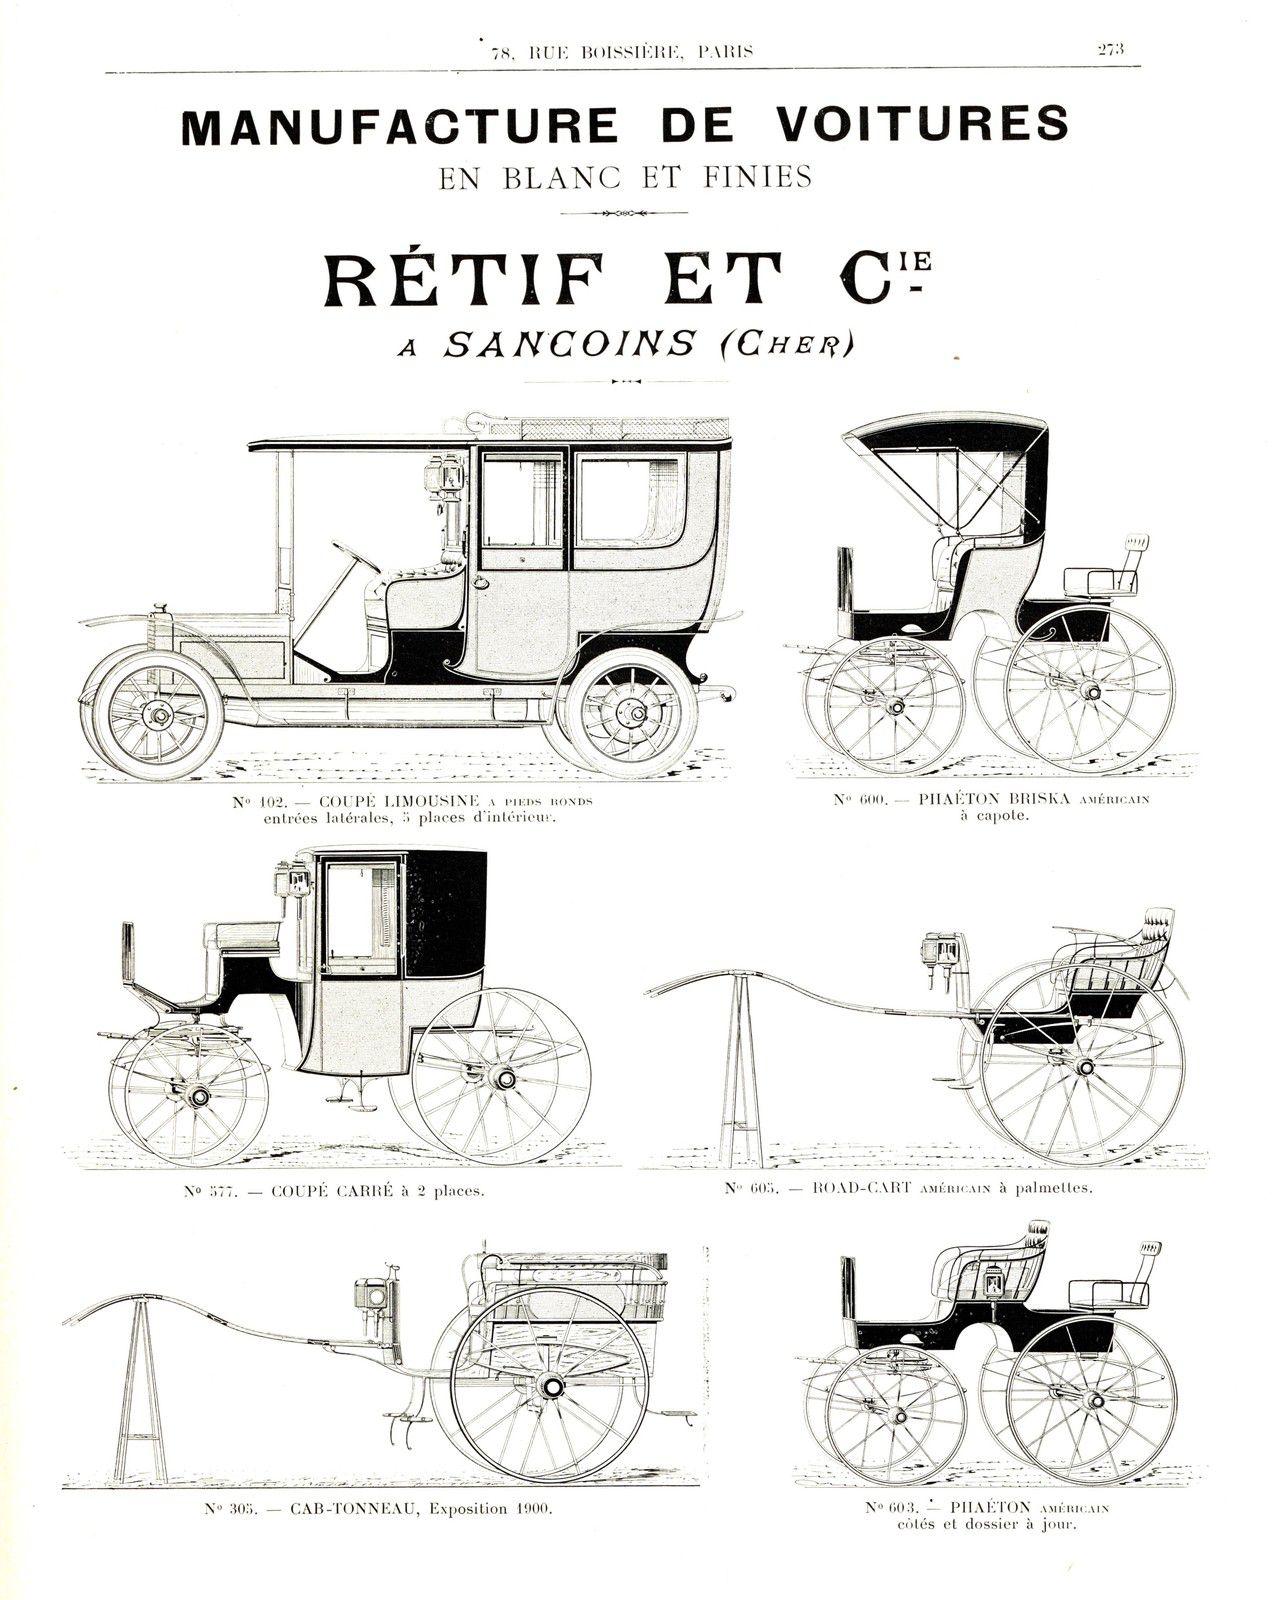 - Publicité extraite du Guide du Carrossier, 1908